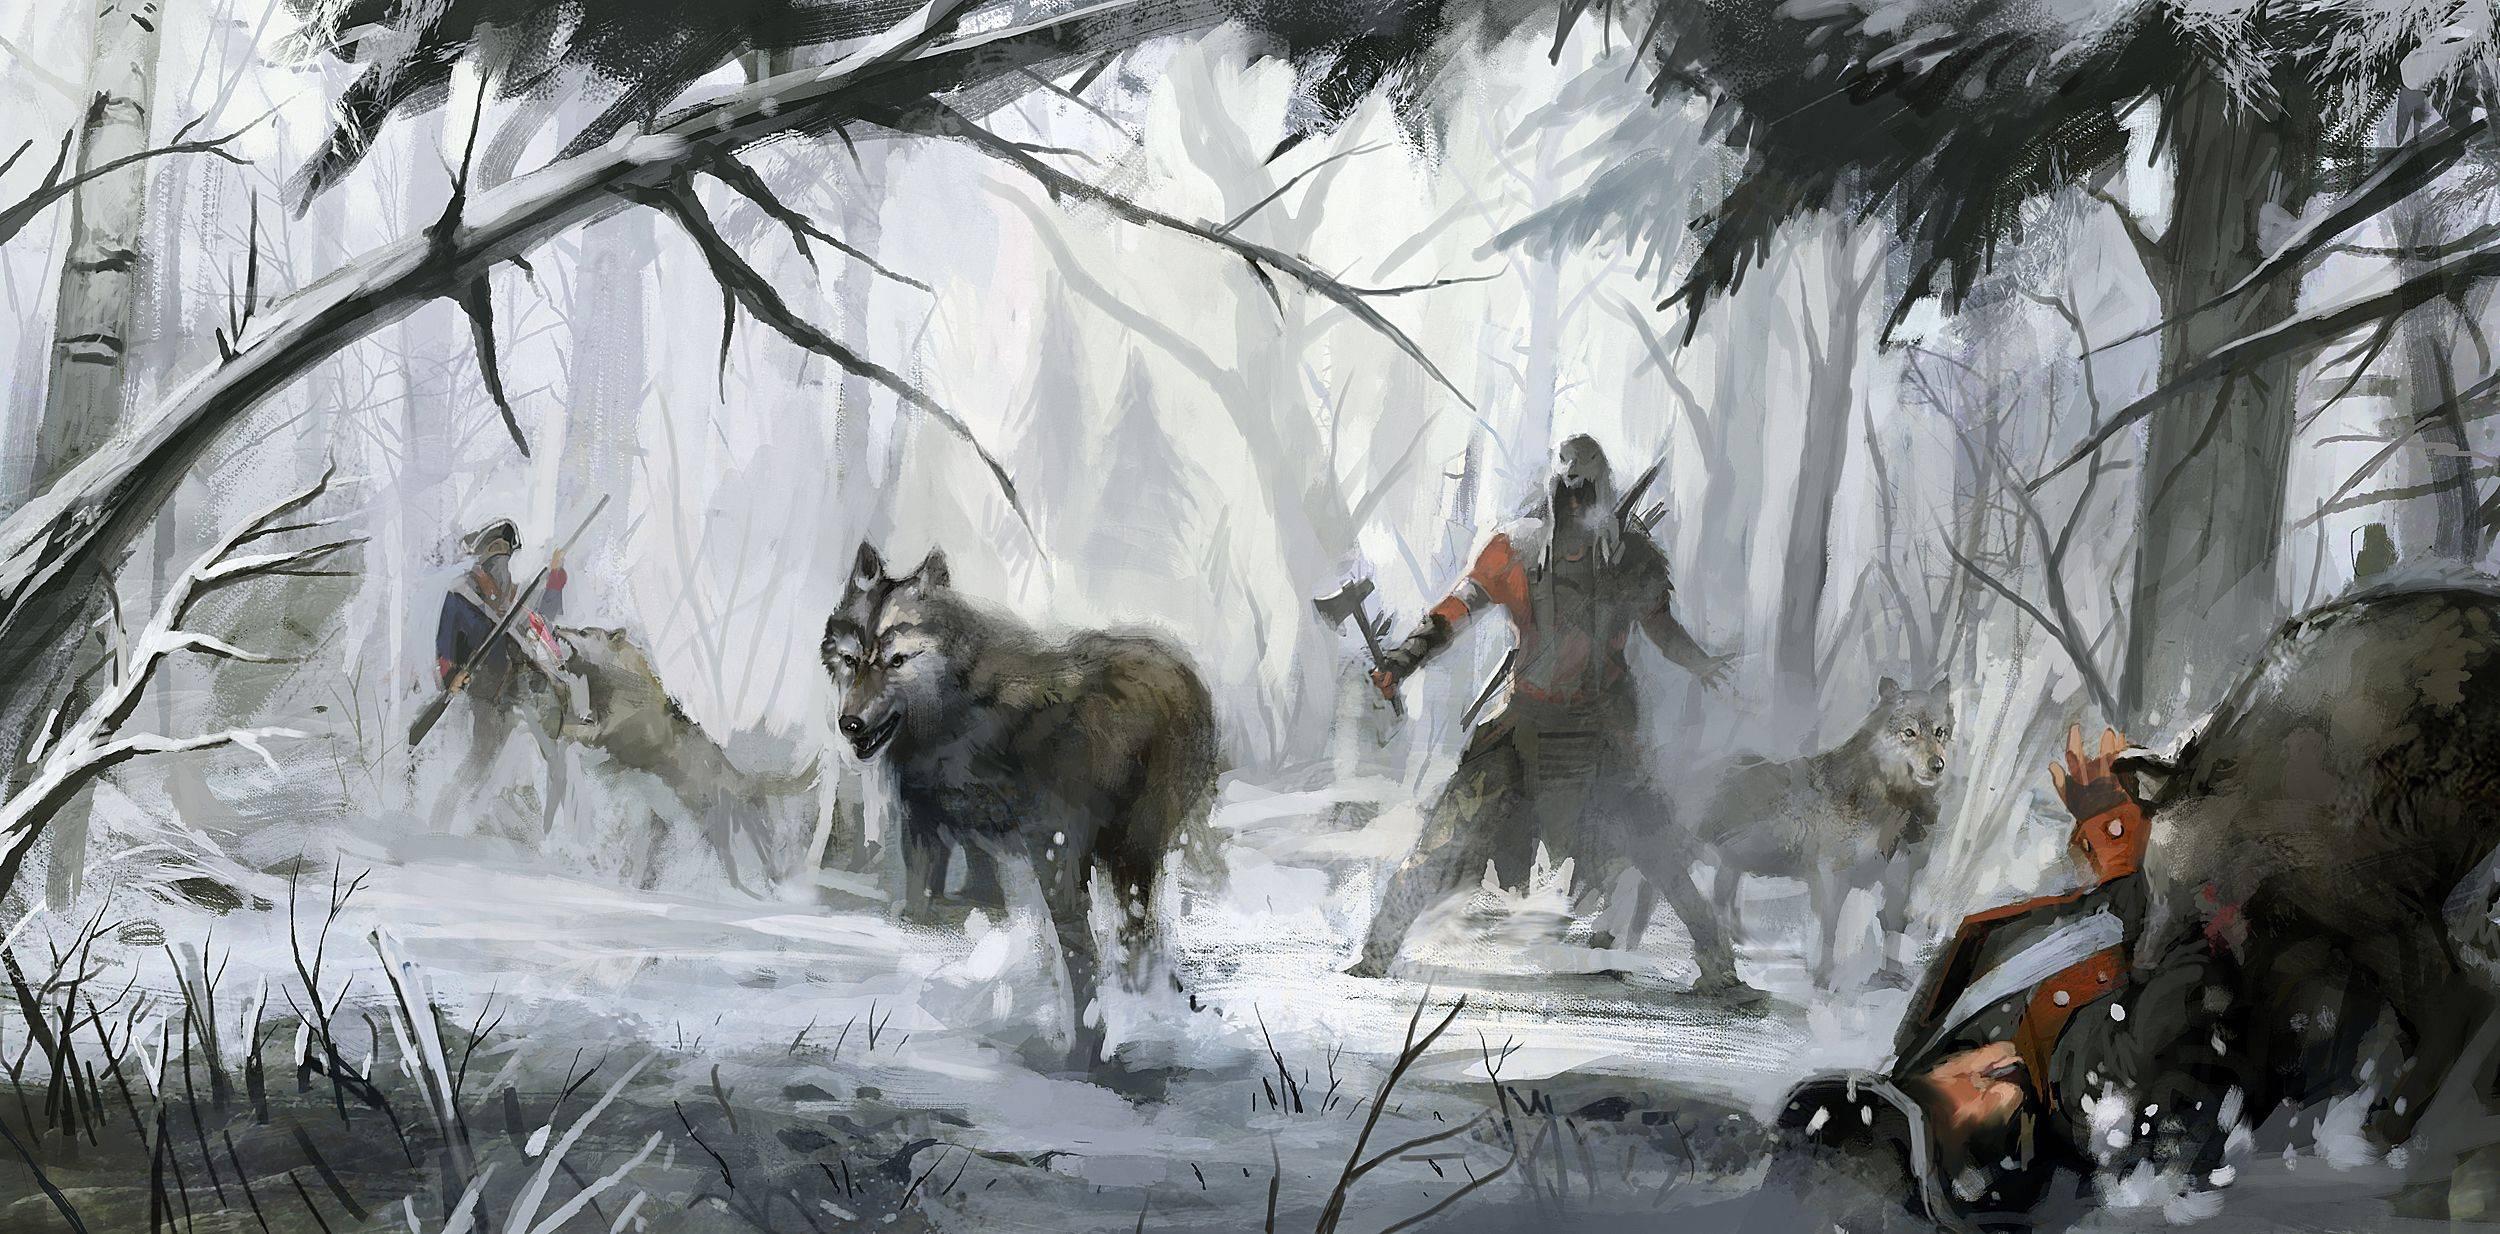 La remaster di Assassin's Creed III è ufficiale su Switch